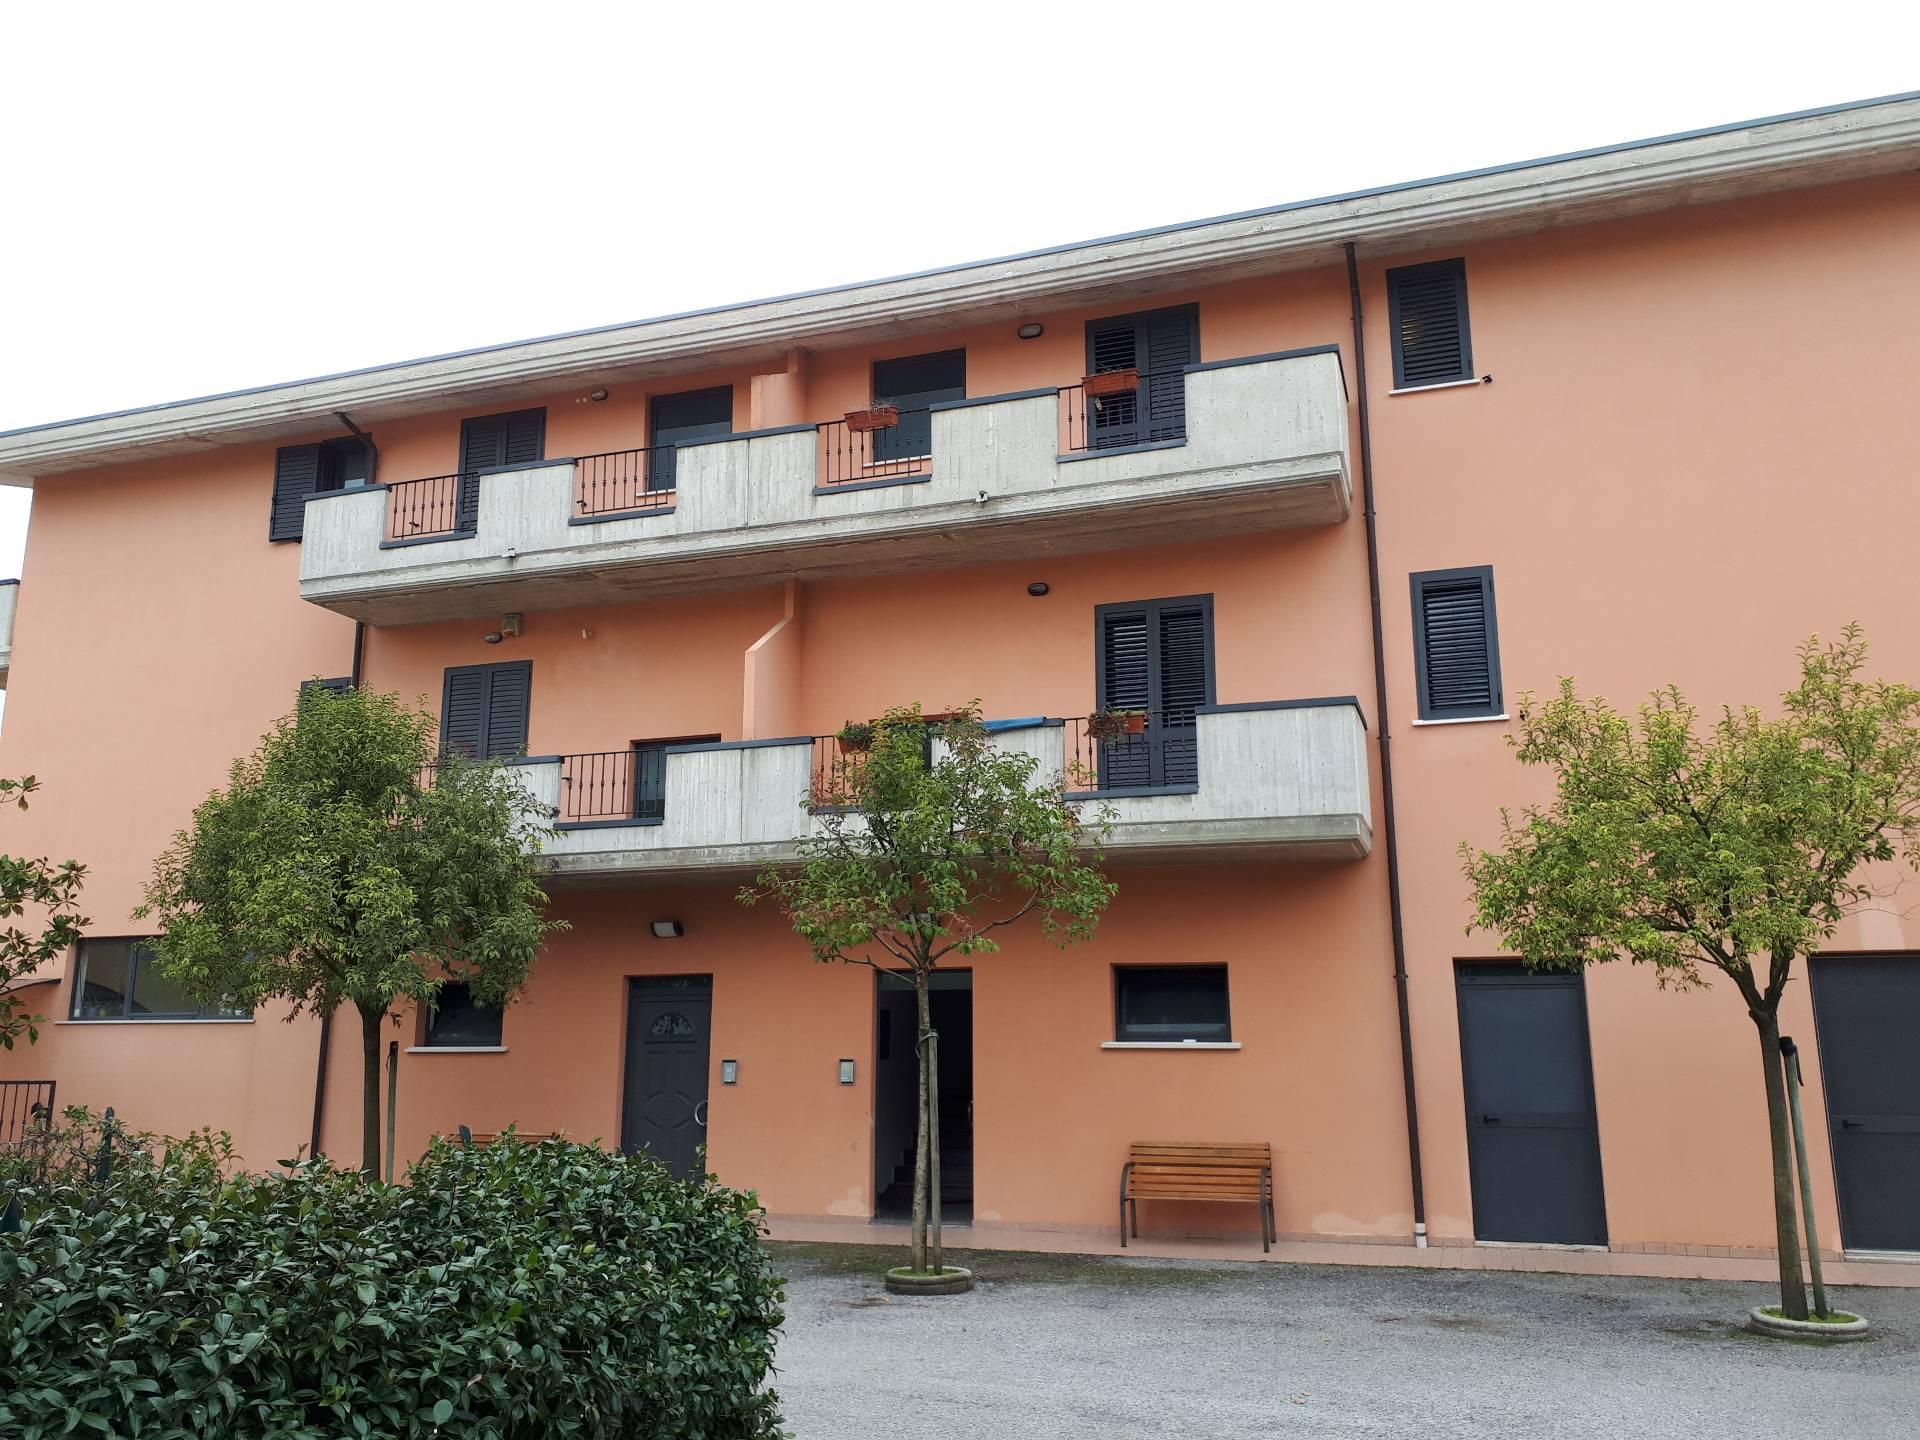 Appartamento in vendita a Teramo, 4 locali, prezzo € 130.000   PortaleAgenzieImmobiliari.it